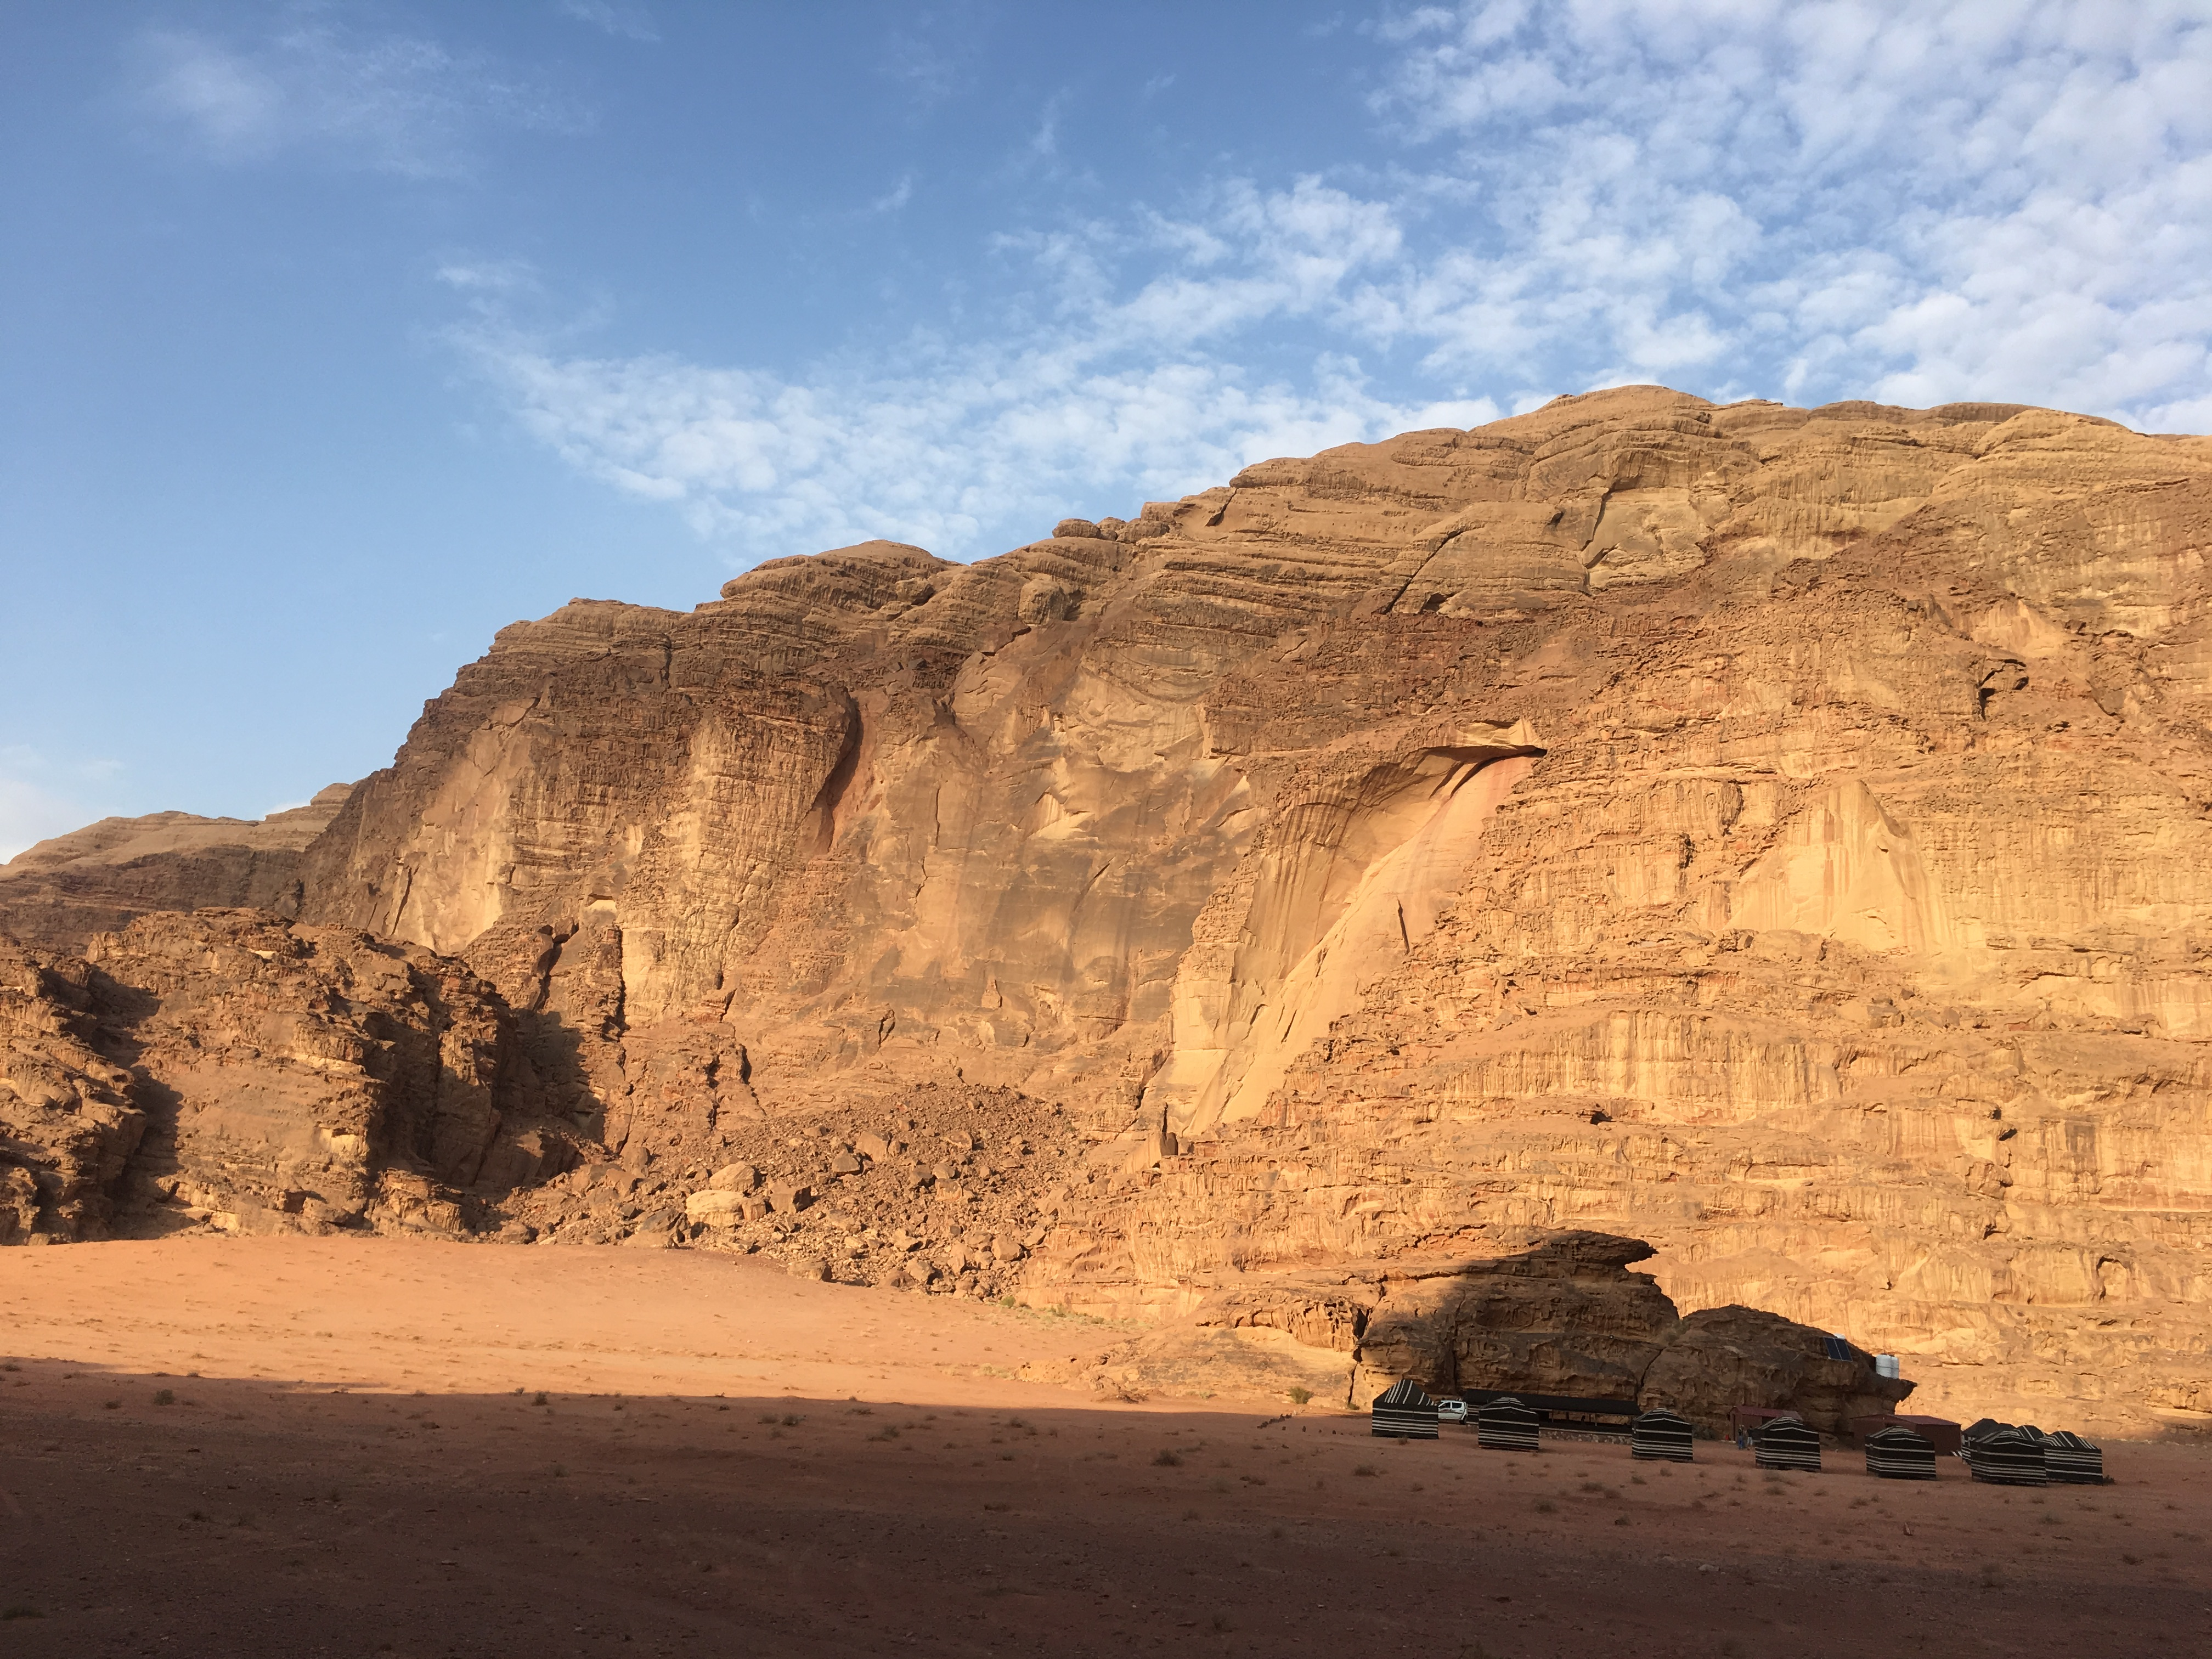 Bedouni Experience Camp - Wadi Rum